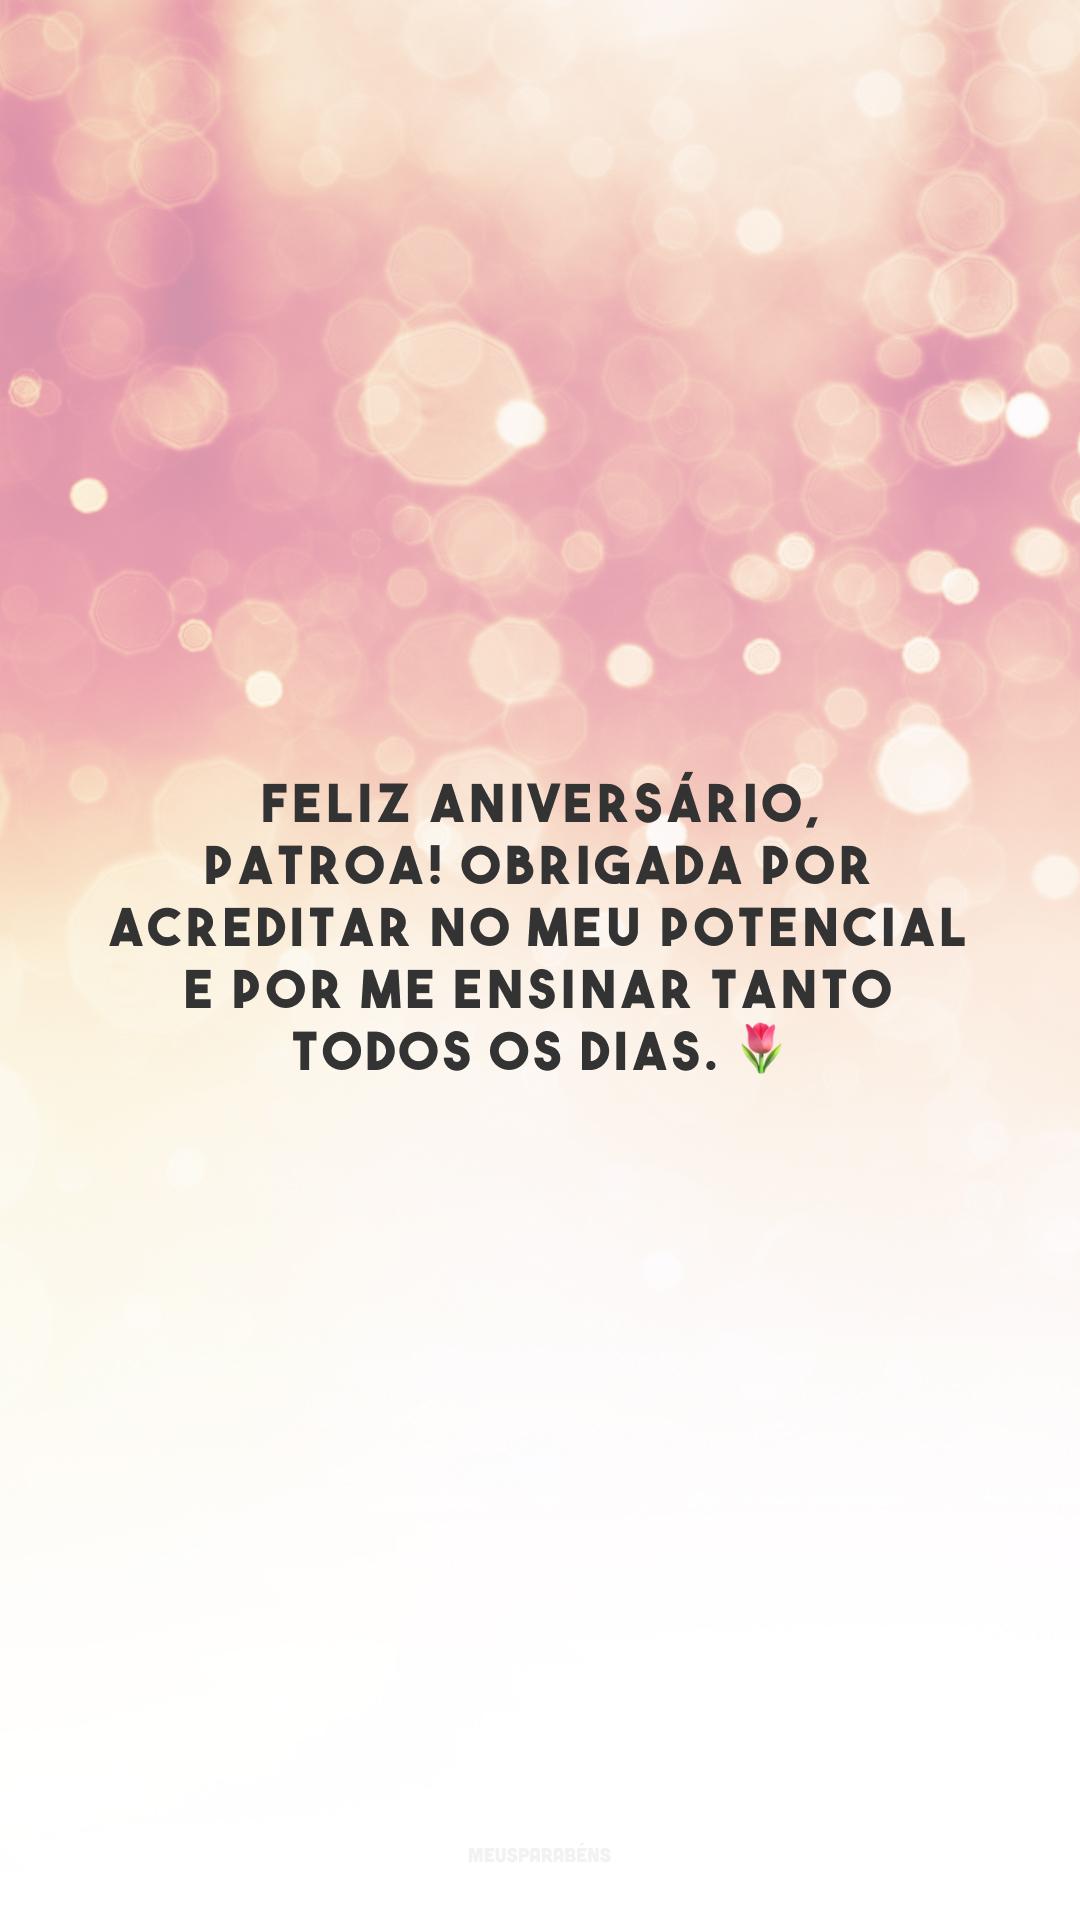 Feliz aniversário, patroa! Obrigada por acreditar no meu potencial e por me ensinar tanto todos os dias. 🌷